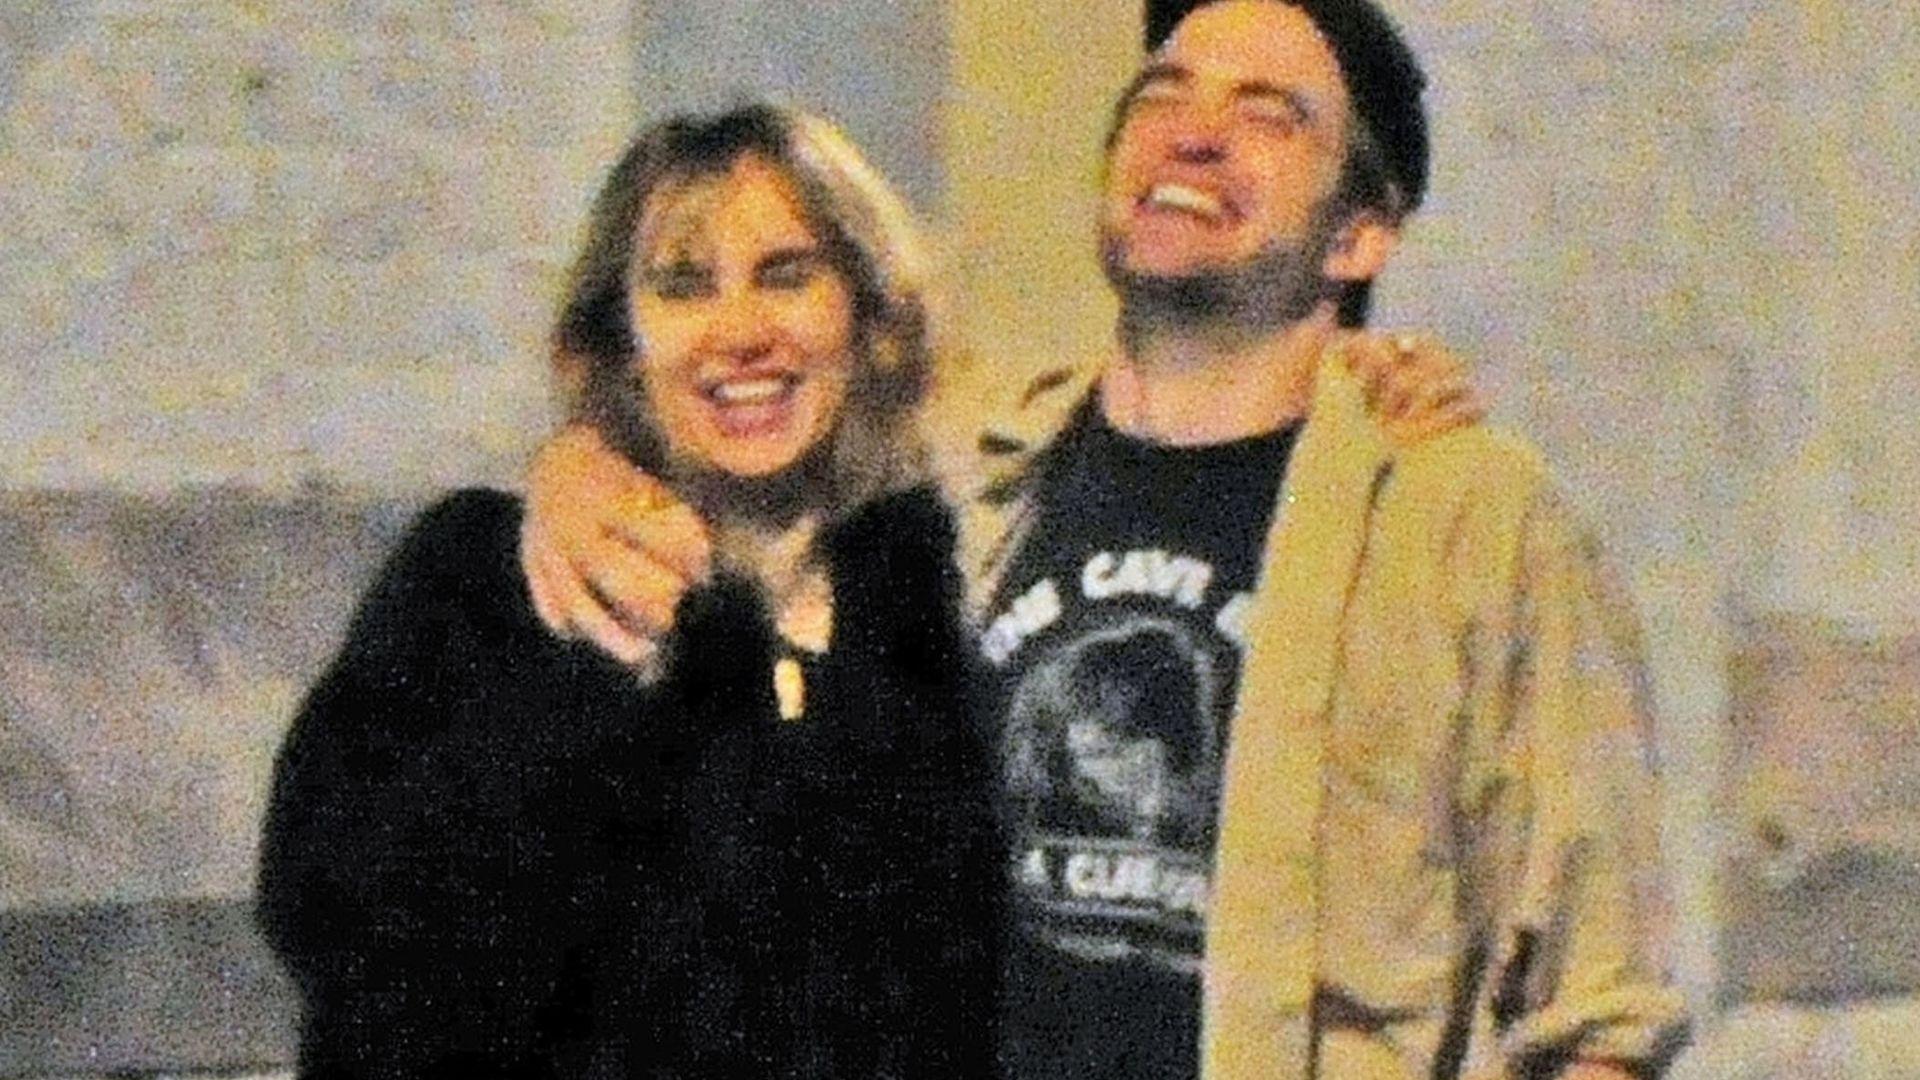 Mamy zdjęcia Roberta Pattinsona CAŁUJĄCEGO się z Suki Waterhouse